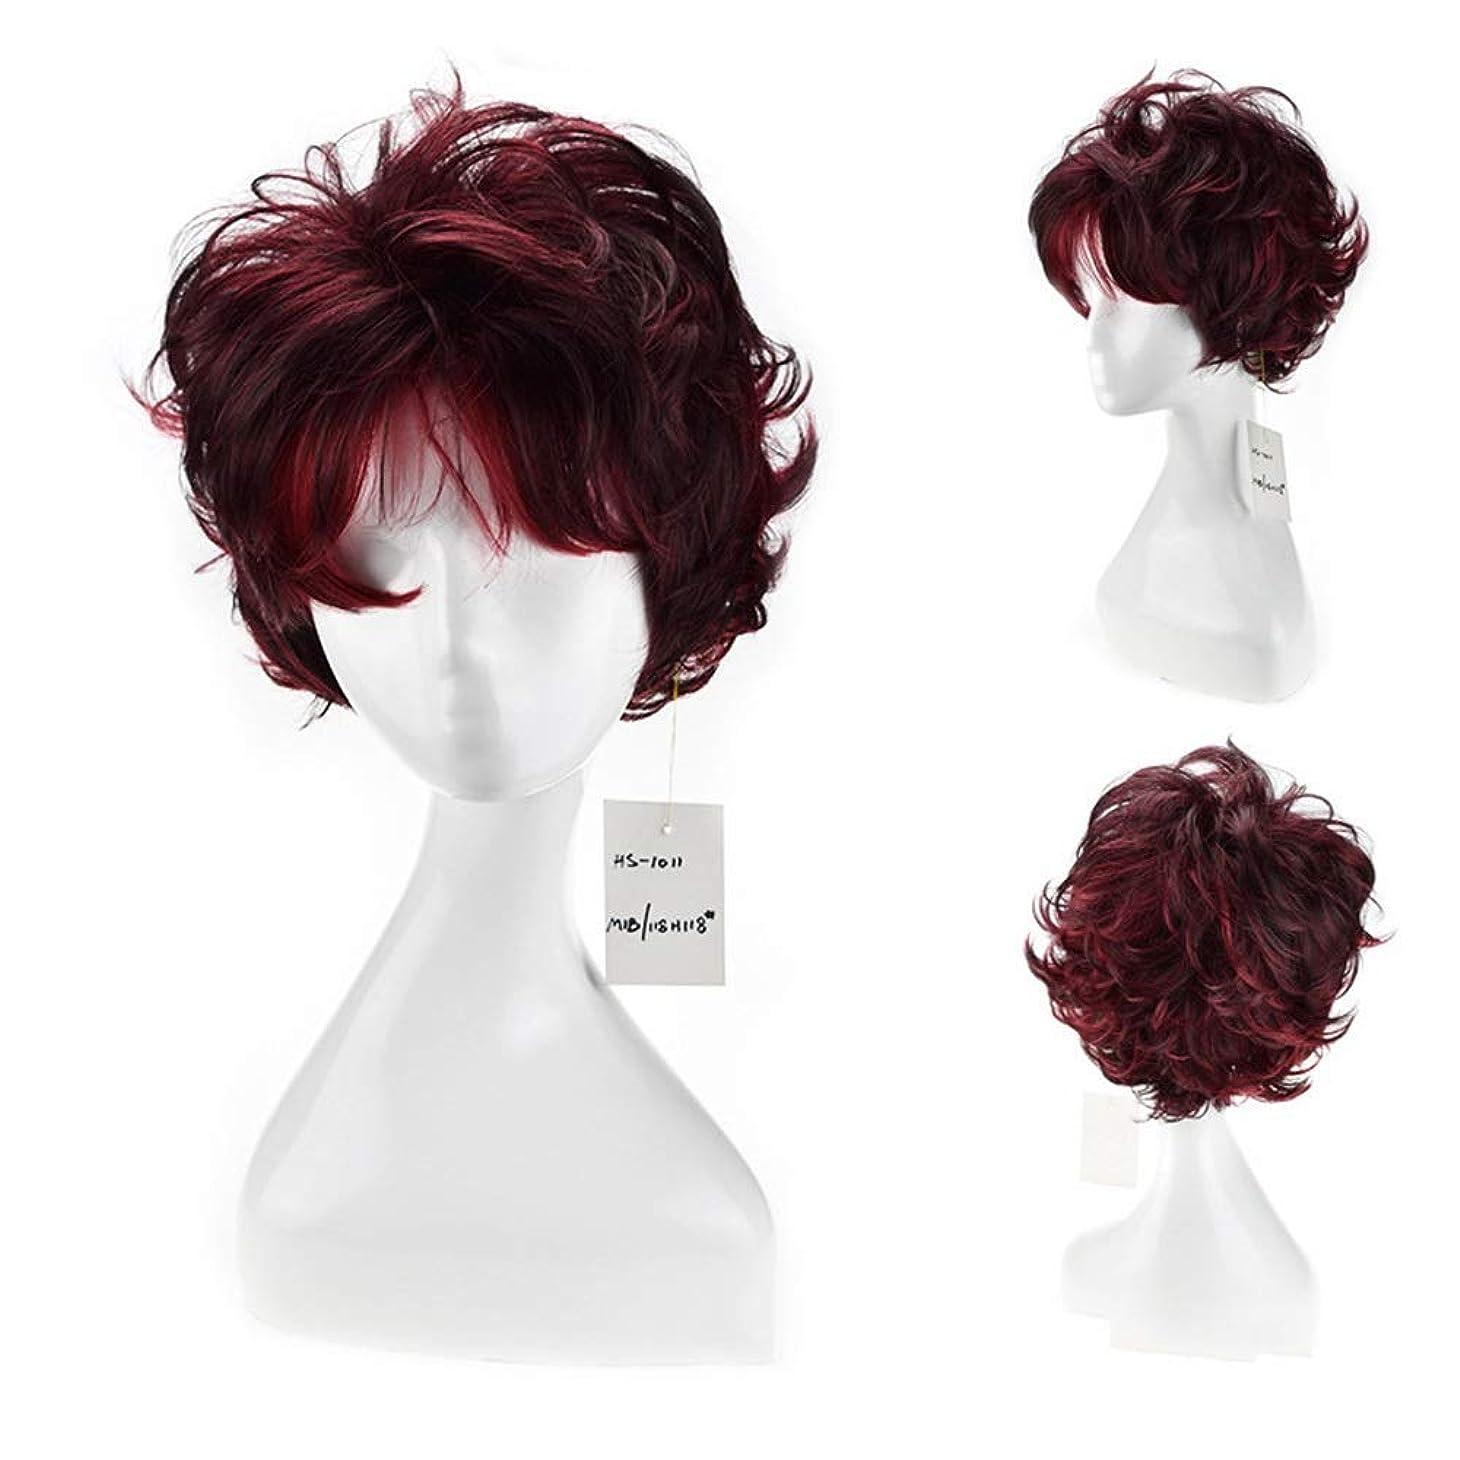 劣るチョーク内なるMayalina 女性の人工毛ショートボブウィッグワインレッドショートカーリーヘアフルヘッド無料キャップパーティーウィッグ (色 : ワインレッド)